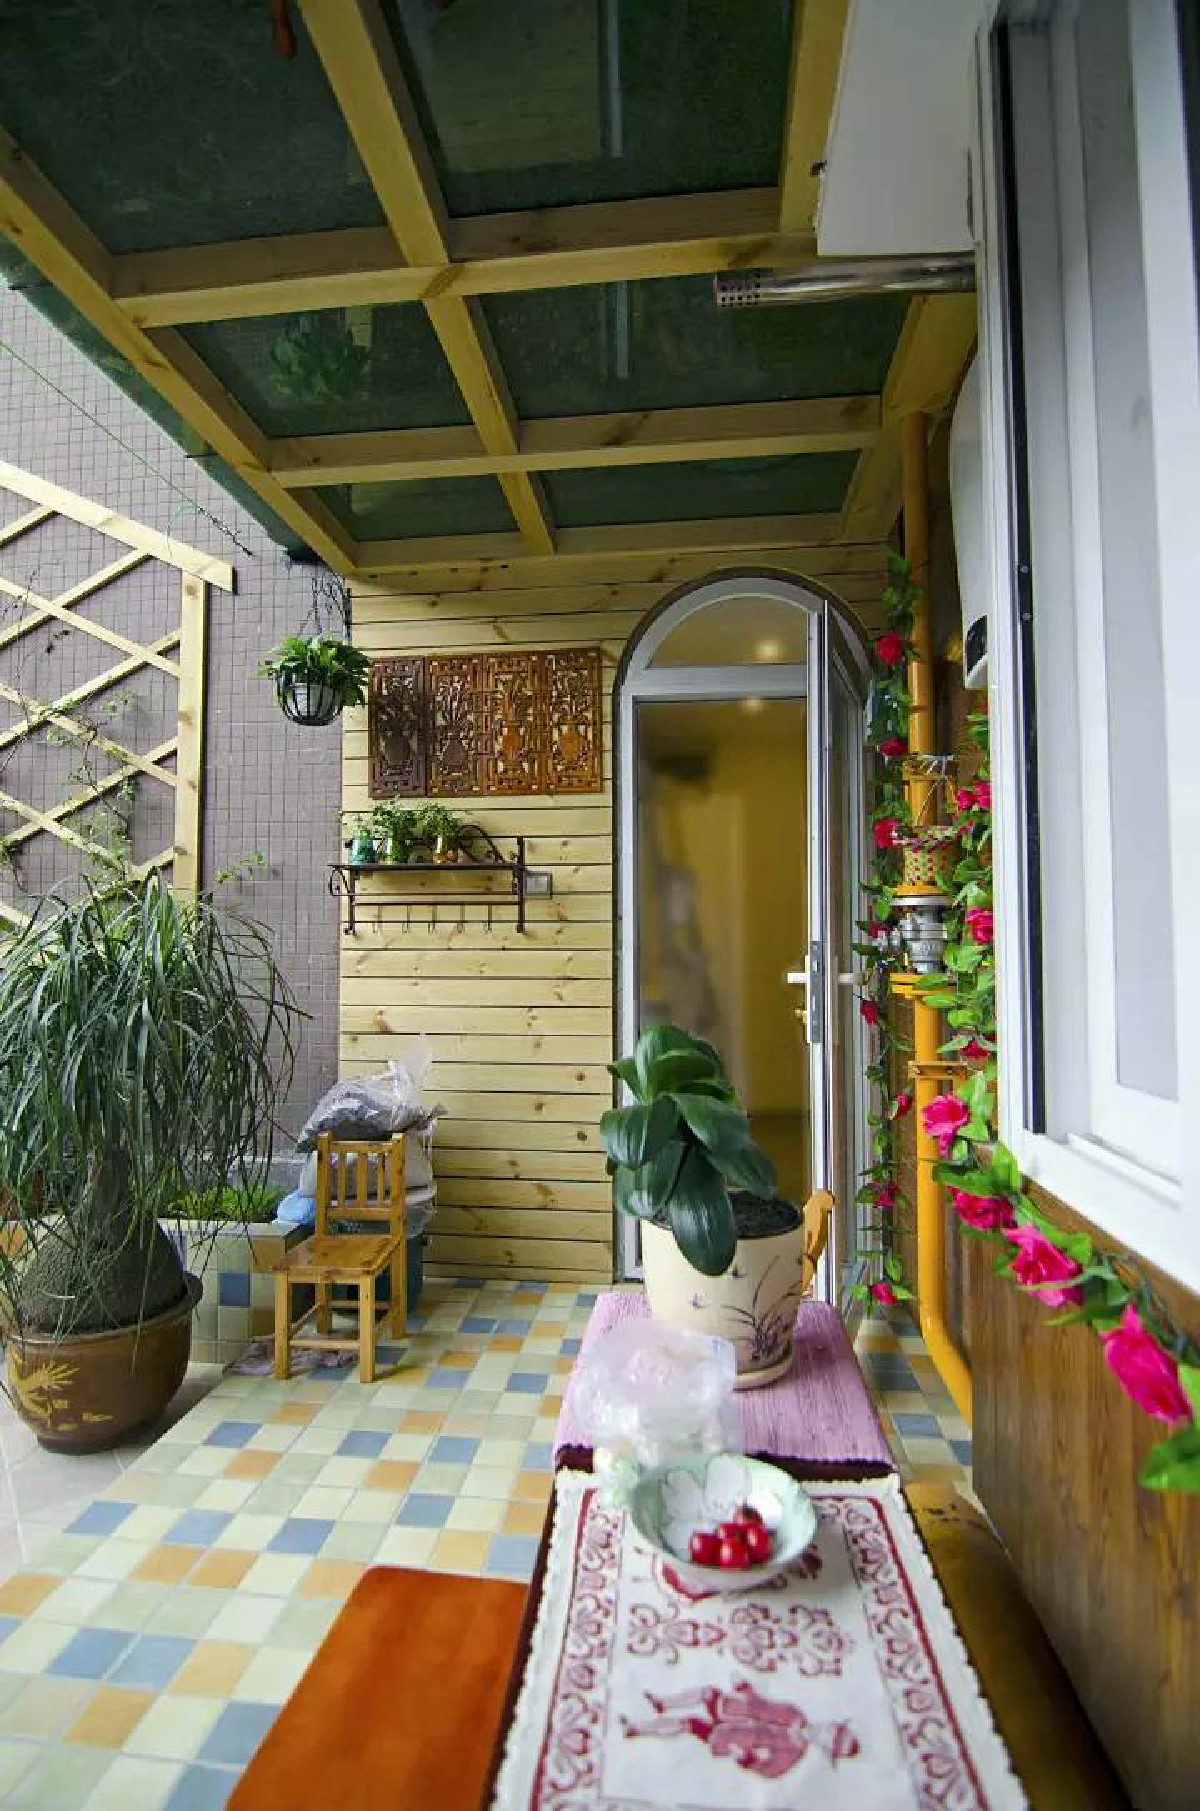 大大的露台被改造成小花园,精致的马赛克砖,木质感的桑拿板,搭配清新的盆栽绿植,充满了惬意的气息